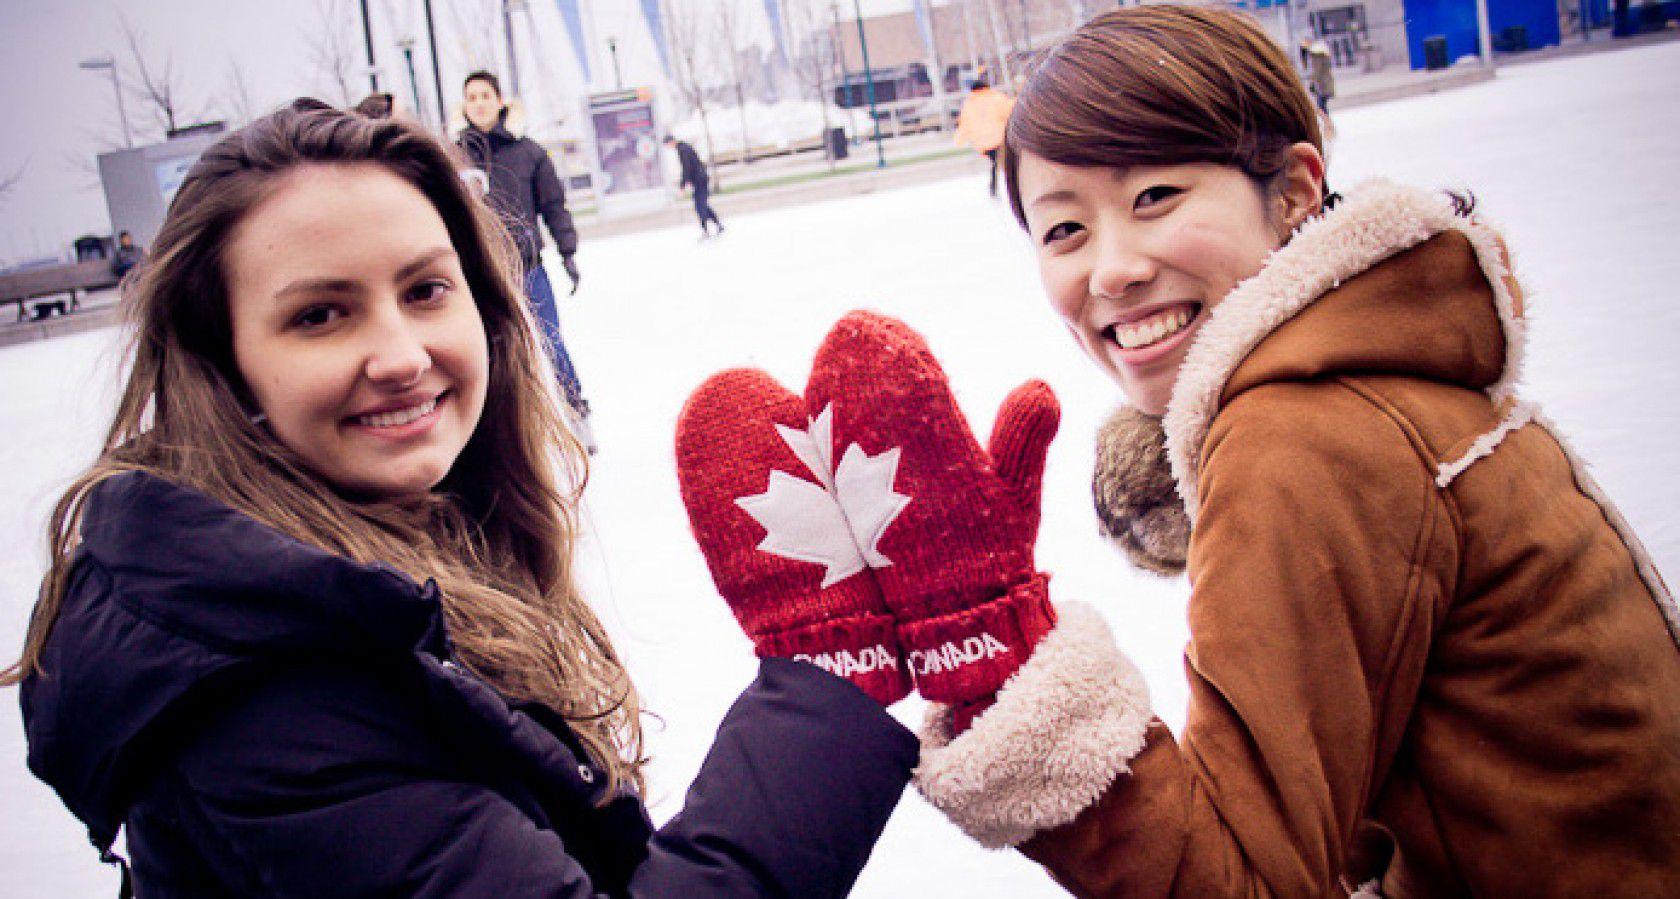 Kanada Lise Eğitimi ELTIS Sınavı Başvurusu Koşulları Nelerdir?